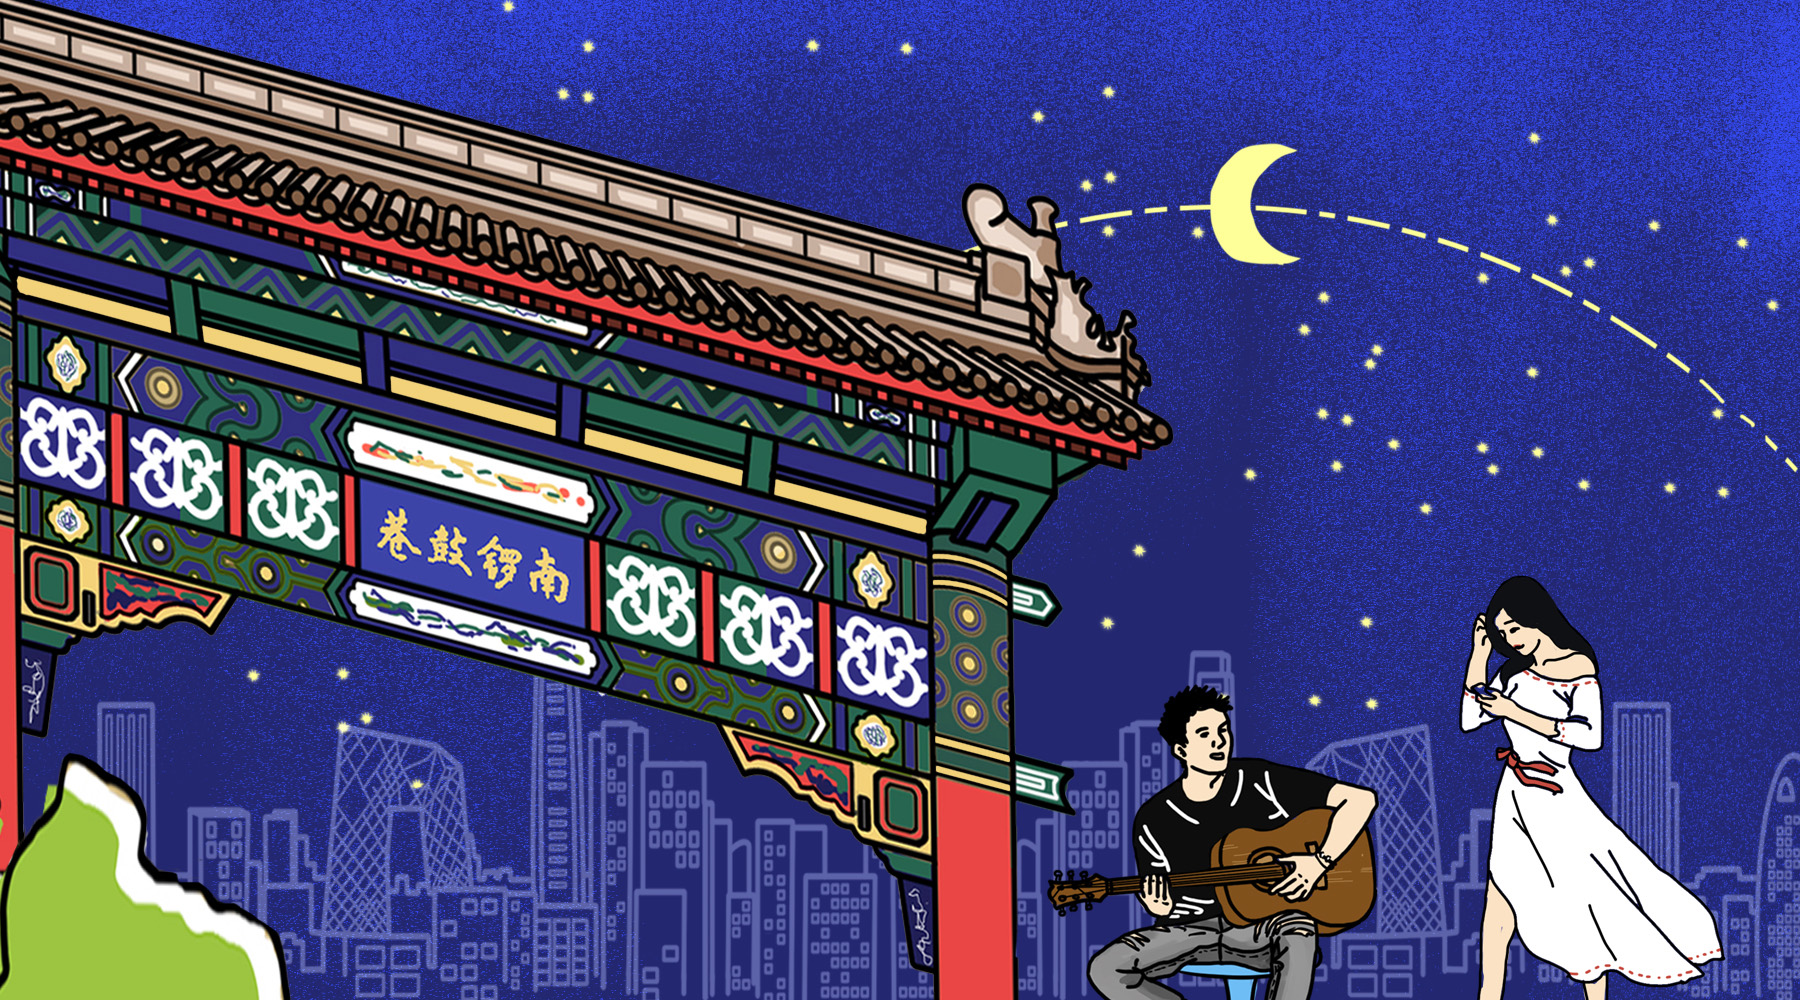 那一夜在北京,我想要一場酣暢淋漓的艷遇